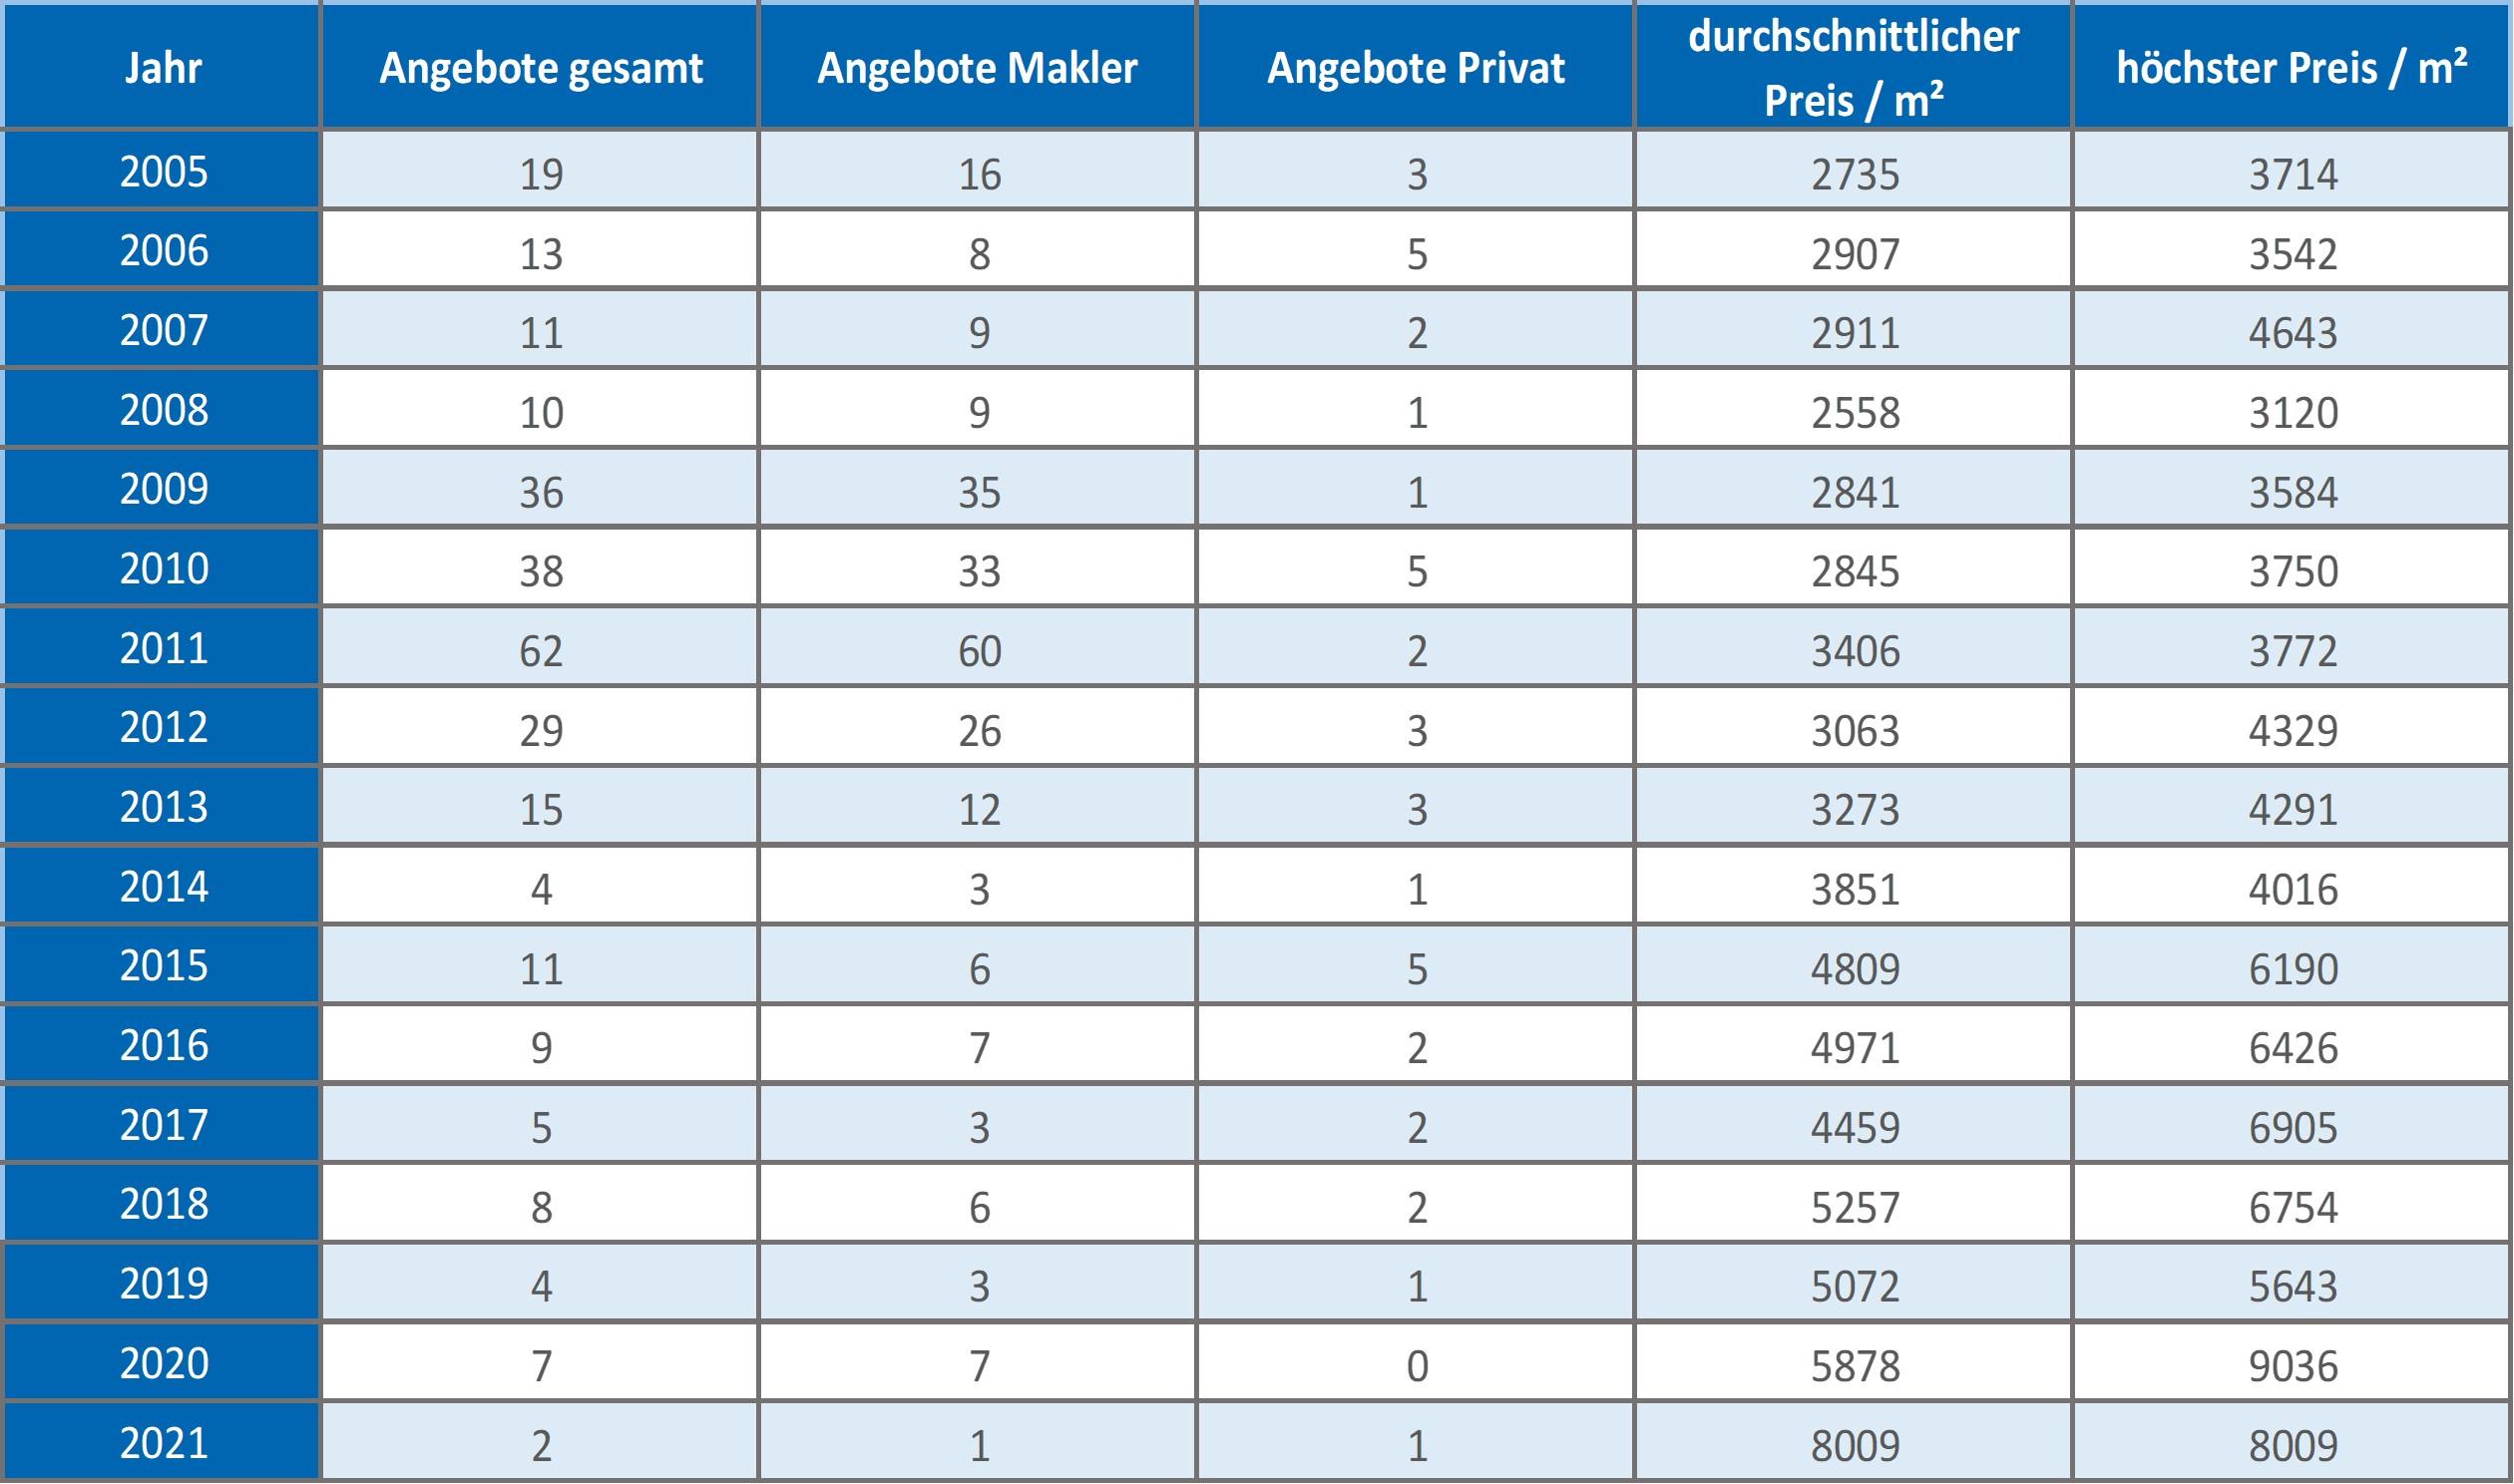 Wörthsee-Wohnung-kaufen-verkaufen-Makler 2019 2020 2021